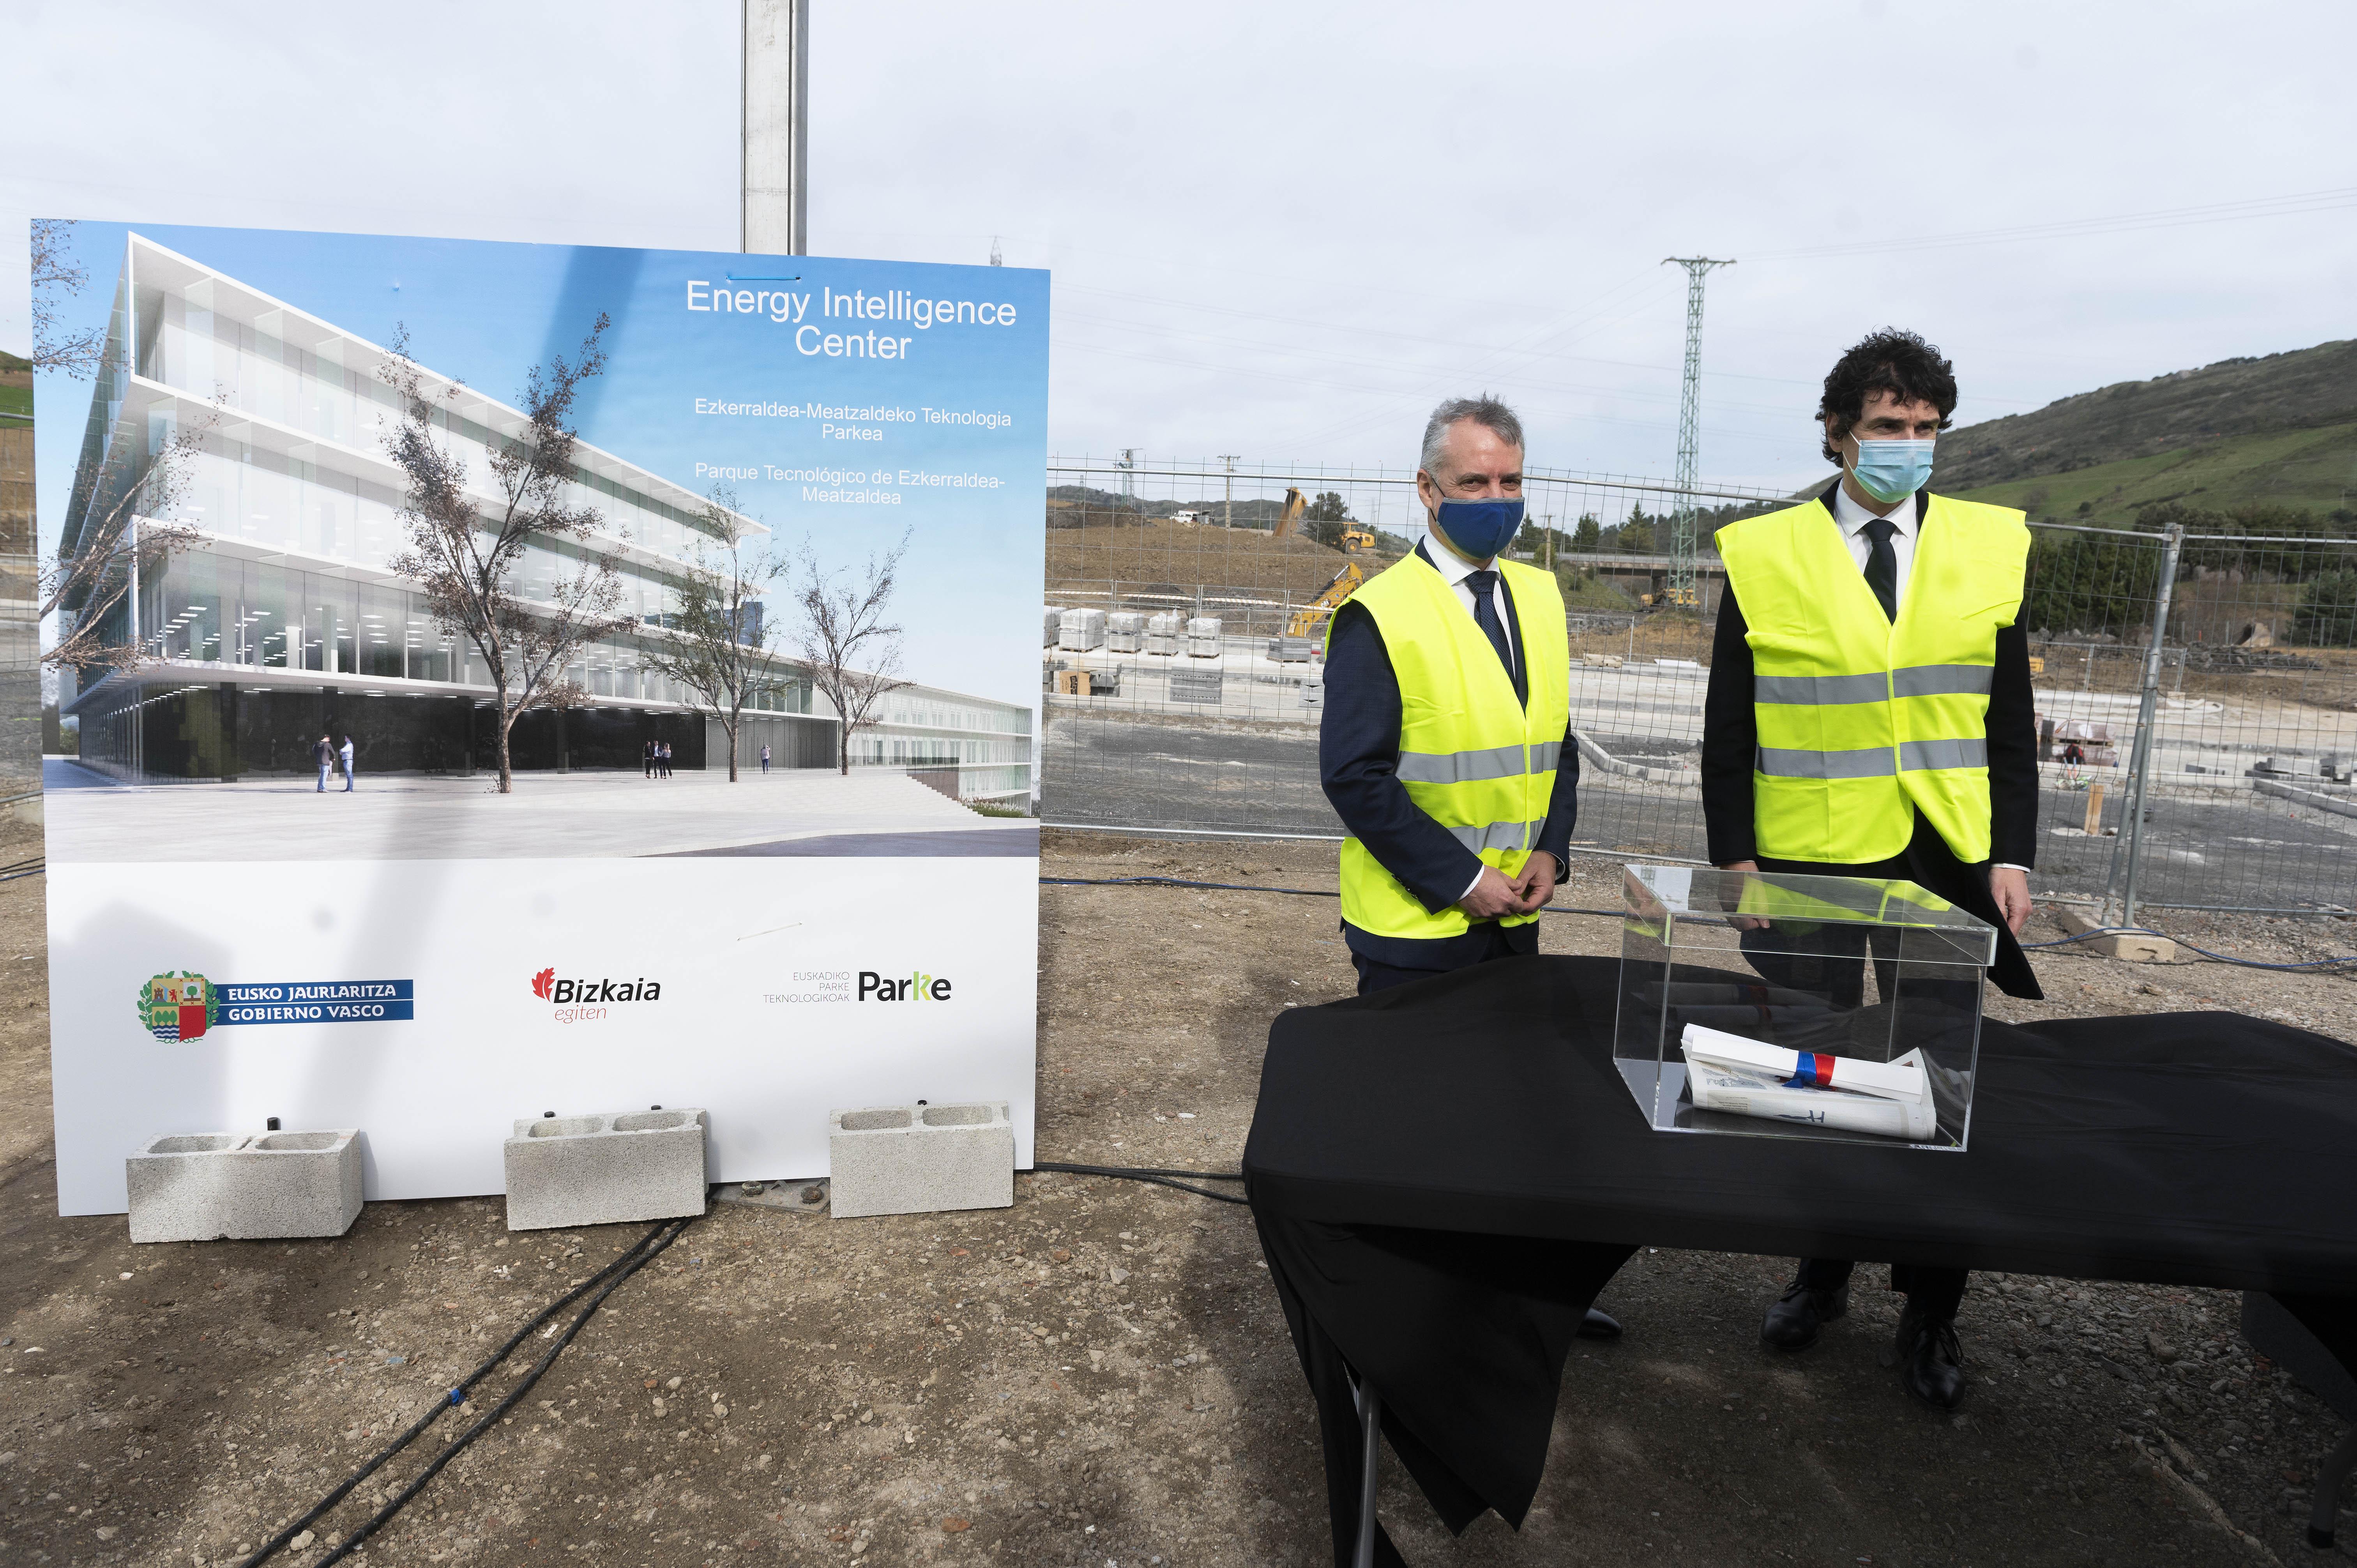 La primera piedra del EIC en el futuro Parque Tecnológico de Ezkerraldea-Meatzaldea refuerza las capacidades de Euskadi para la transición energética [12:03]